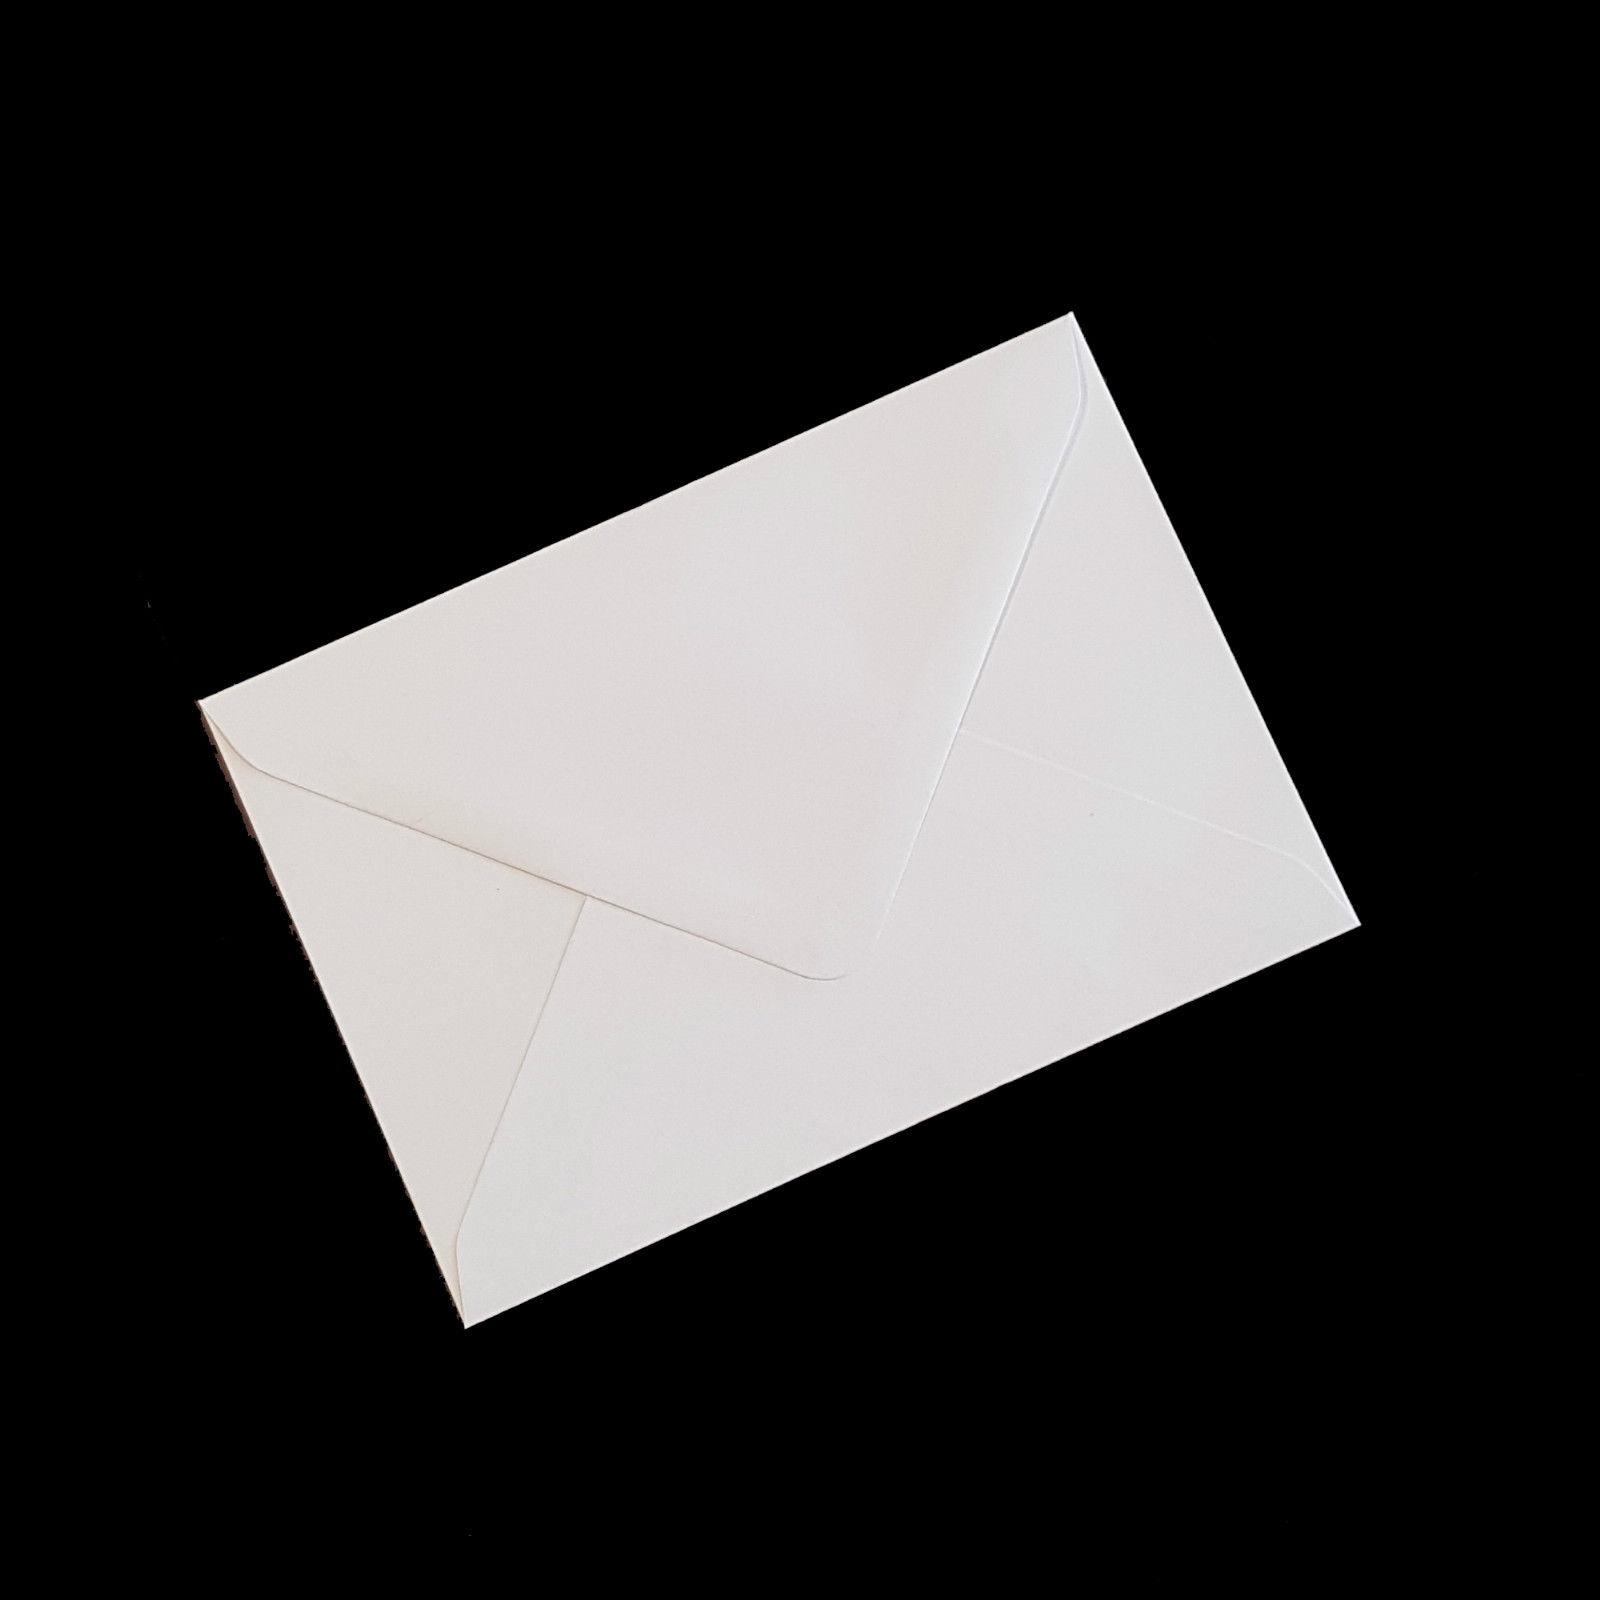 C5 white